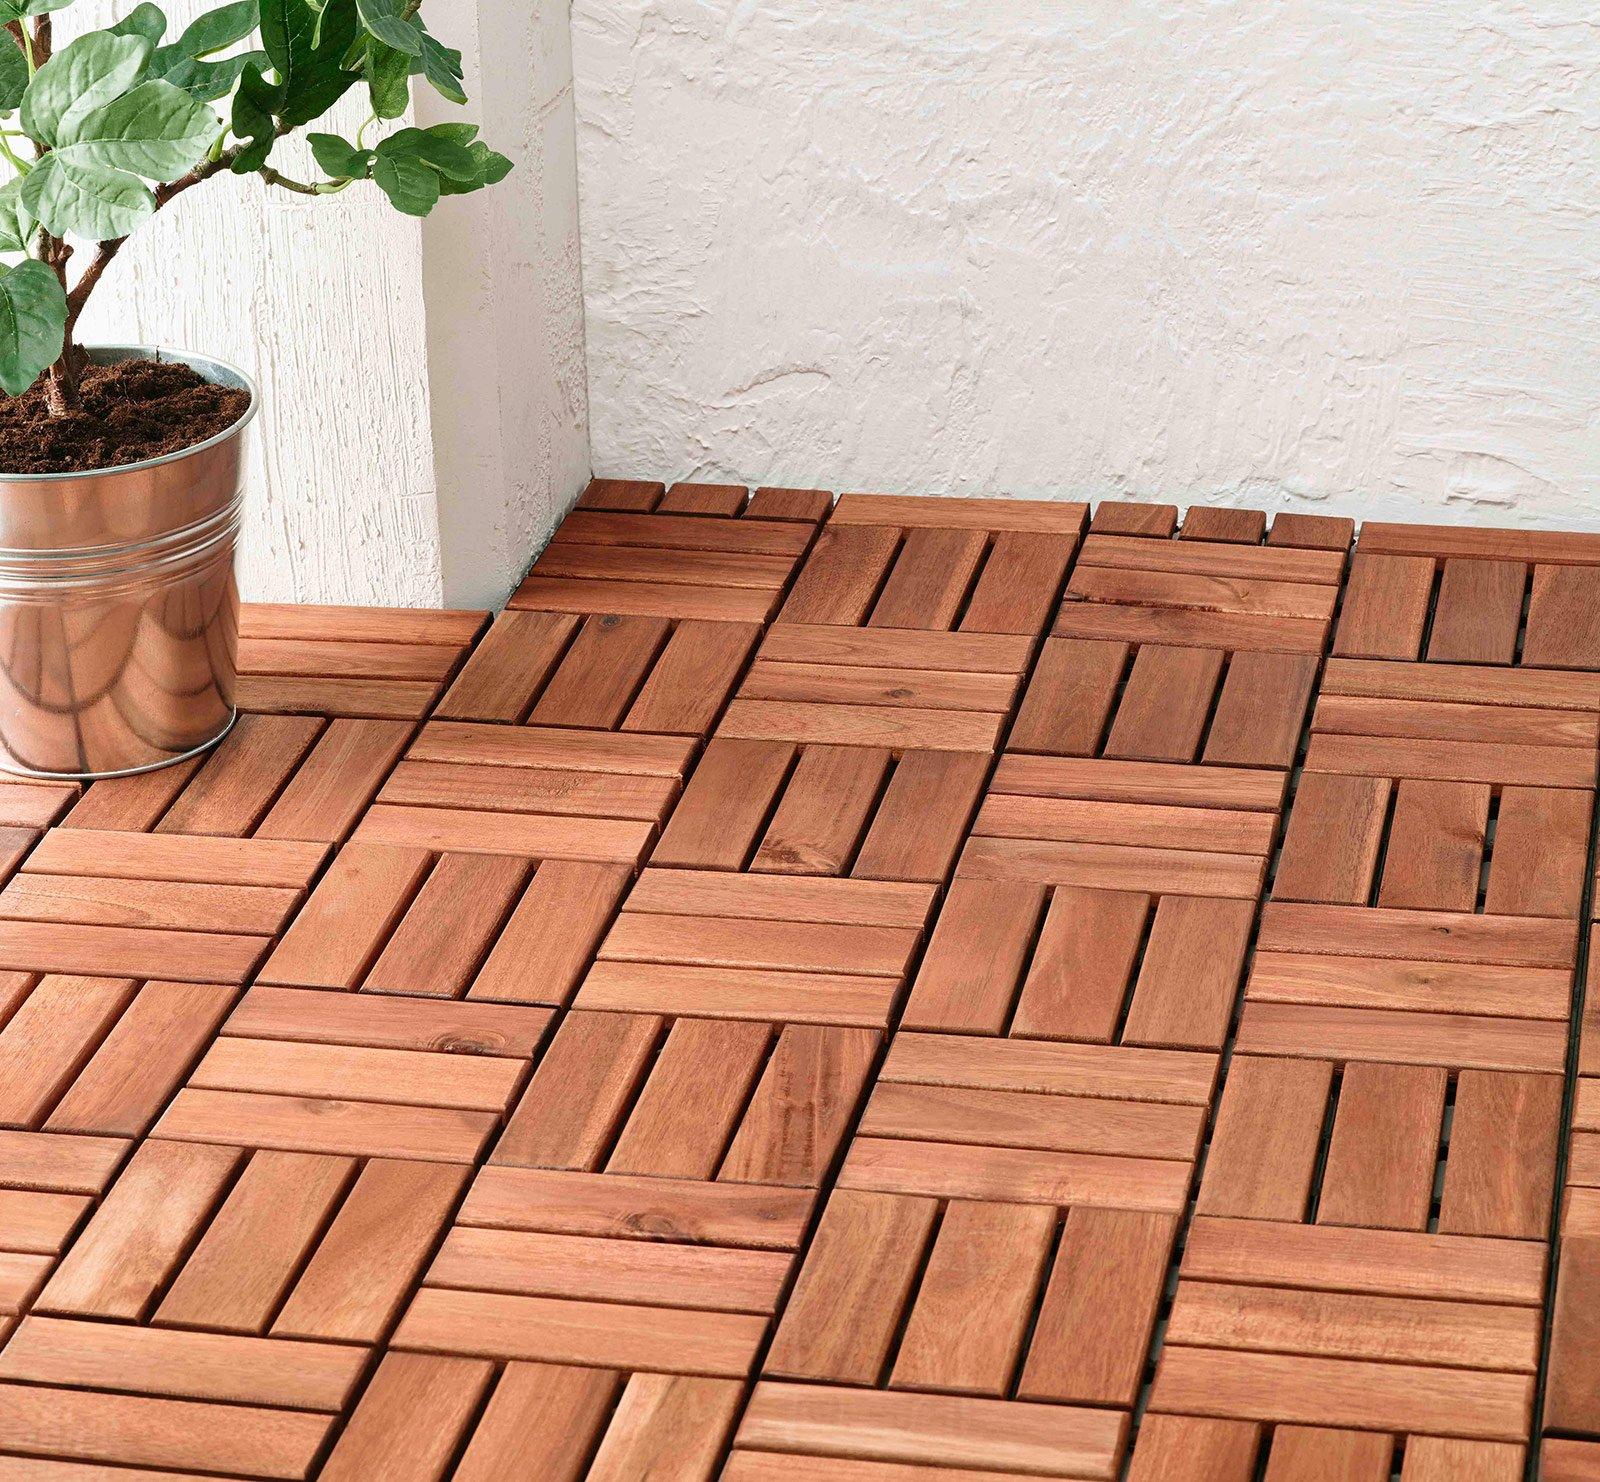 Pavimenti Per Terrazzi Esterni il pavimento fuori di casa. materiali, tipologie, modelli